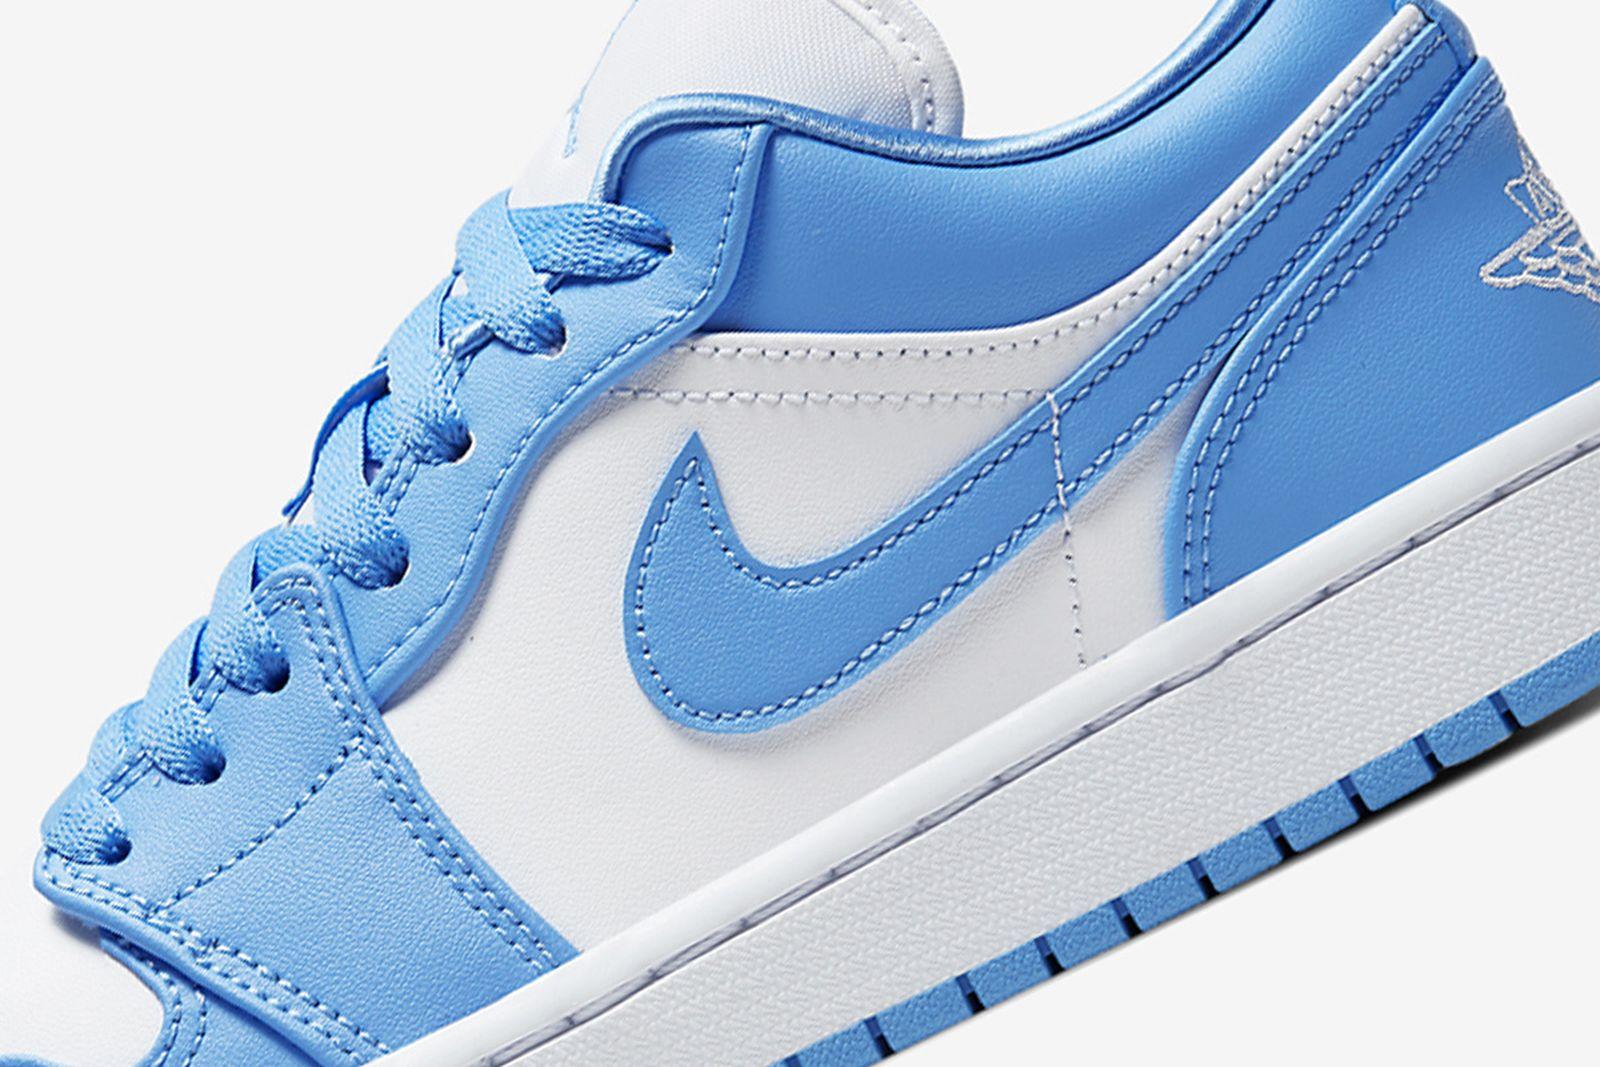 investment jordan sneakers close-up